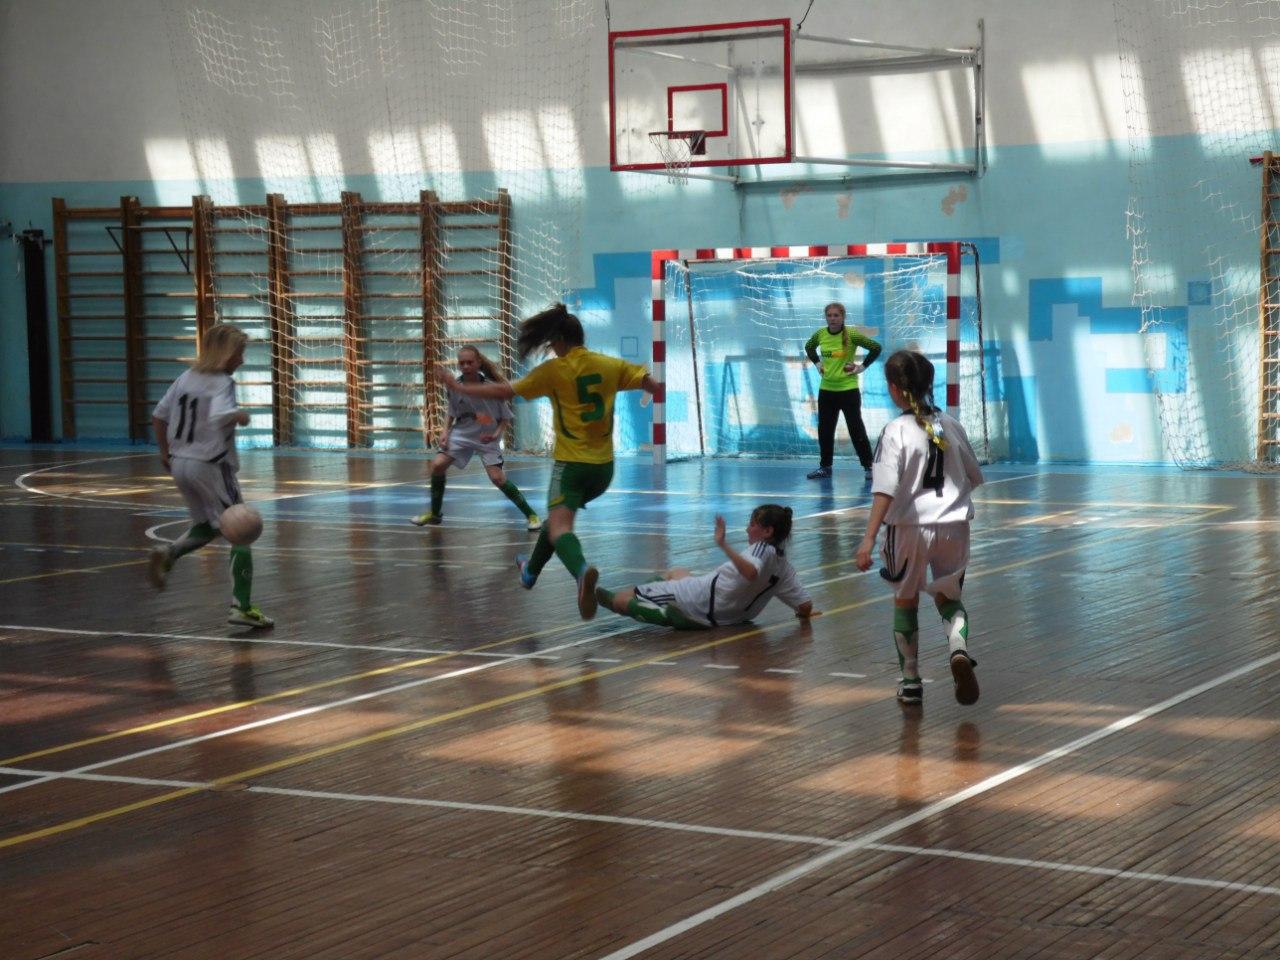 дівчата футзал, АФУ, мини-футбол, Умань, Кобеляки, ЧУ 2001-2002, жіночий футзал, женский футзал, фінал